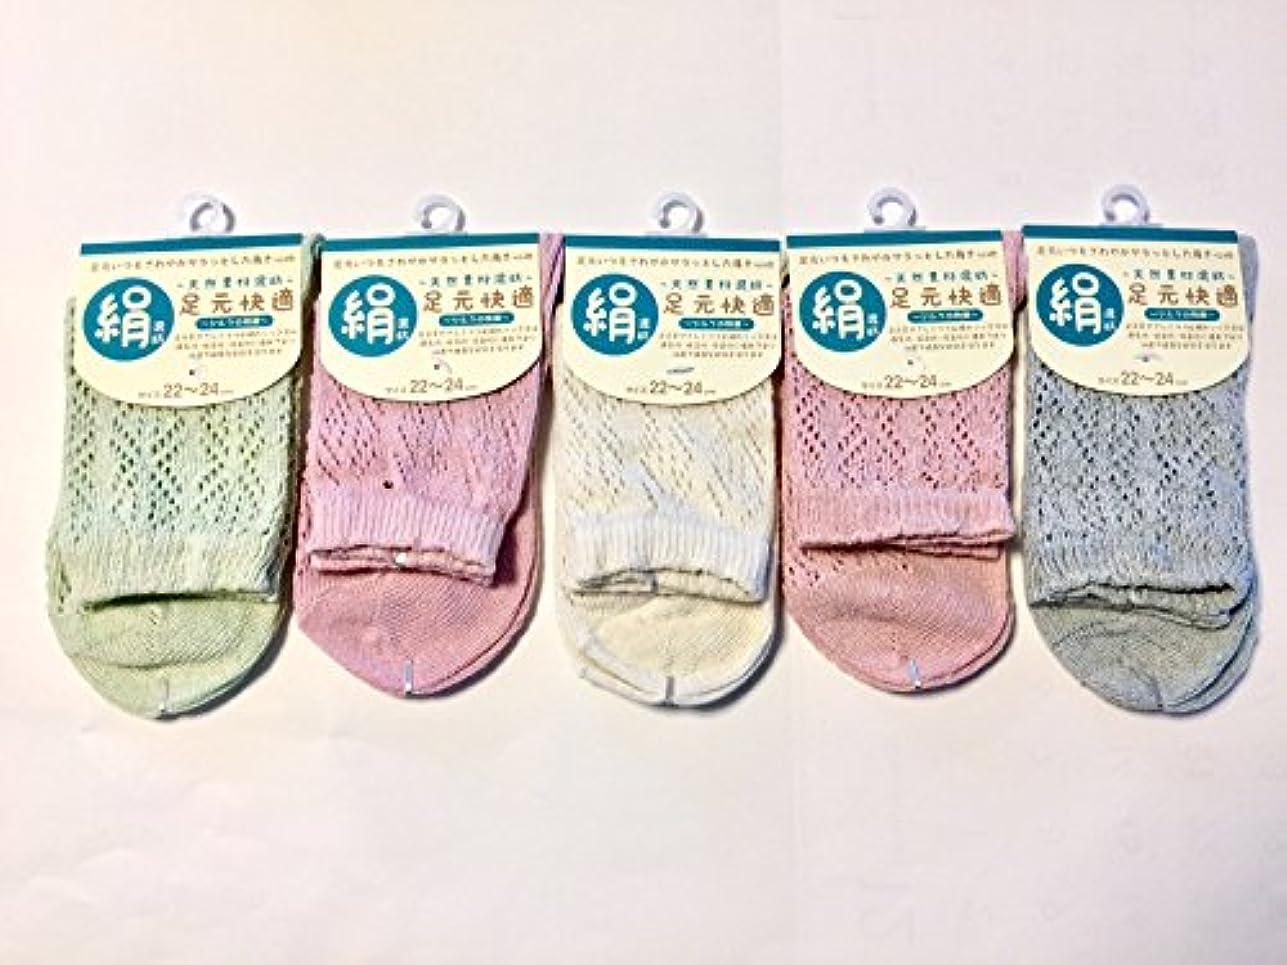 絶望豪華な安いです靴下 レディース 絹混 涼しいルミーソックス おしゃれ手編み風 5色5足組